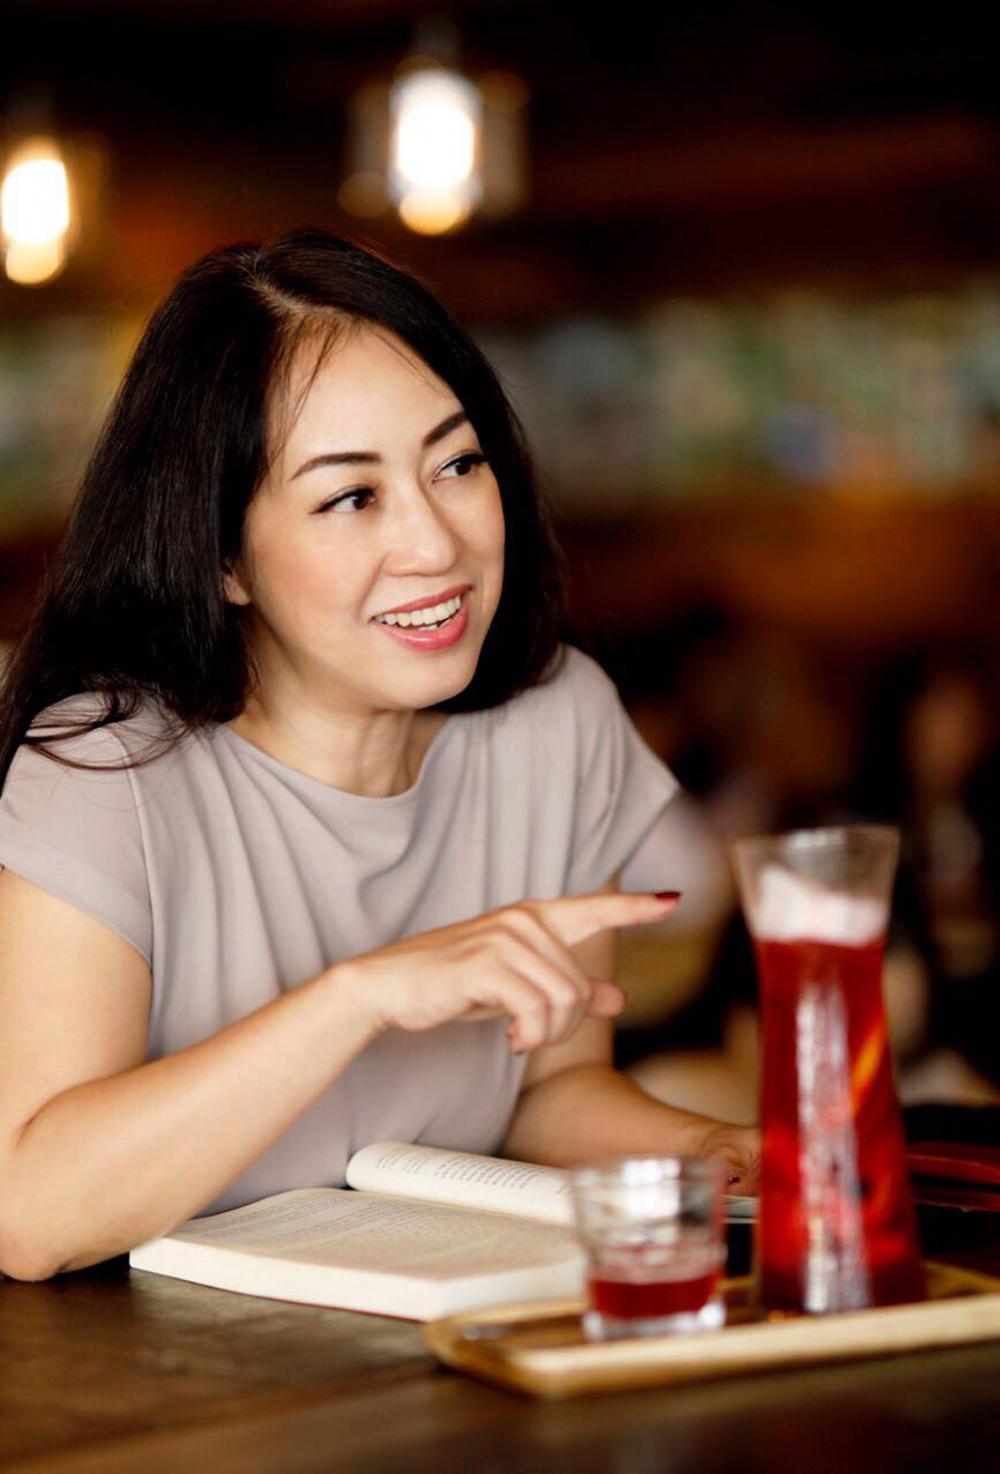 bà Trần Thị Xuân Quyên - Giám đốc tư vấn đào tạo Công ty Quản lý bất động sản nghỉ dưỡng và giải trí quốc tế IRR